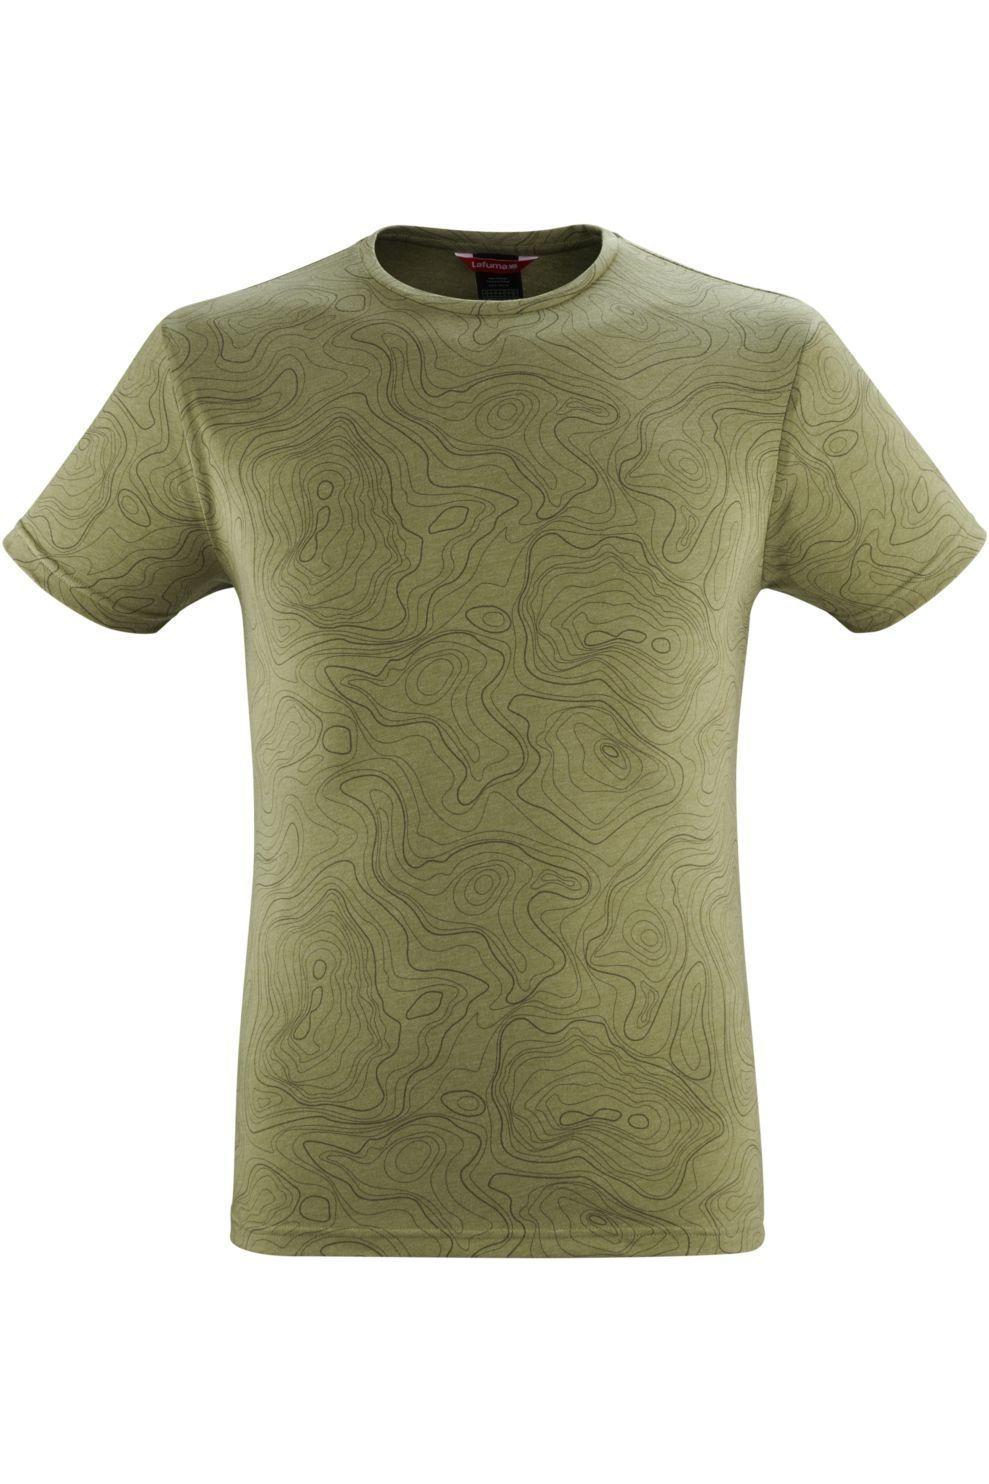 Lafuma T-Shirt Graphic voor heren - MiddenGroen - Maten: L, XL, XXL